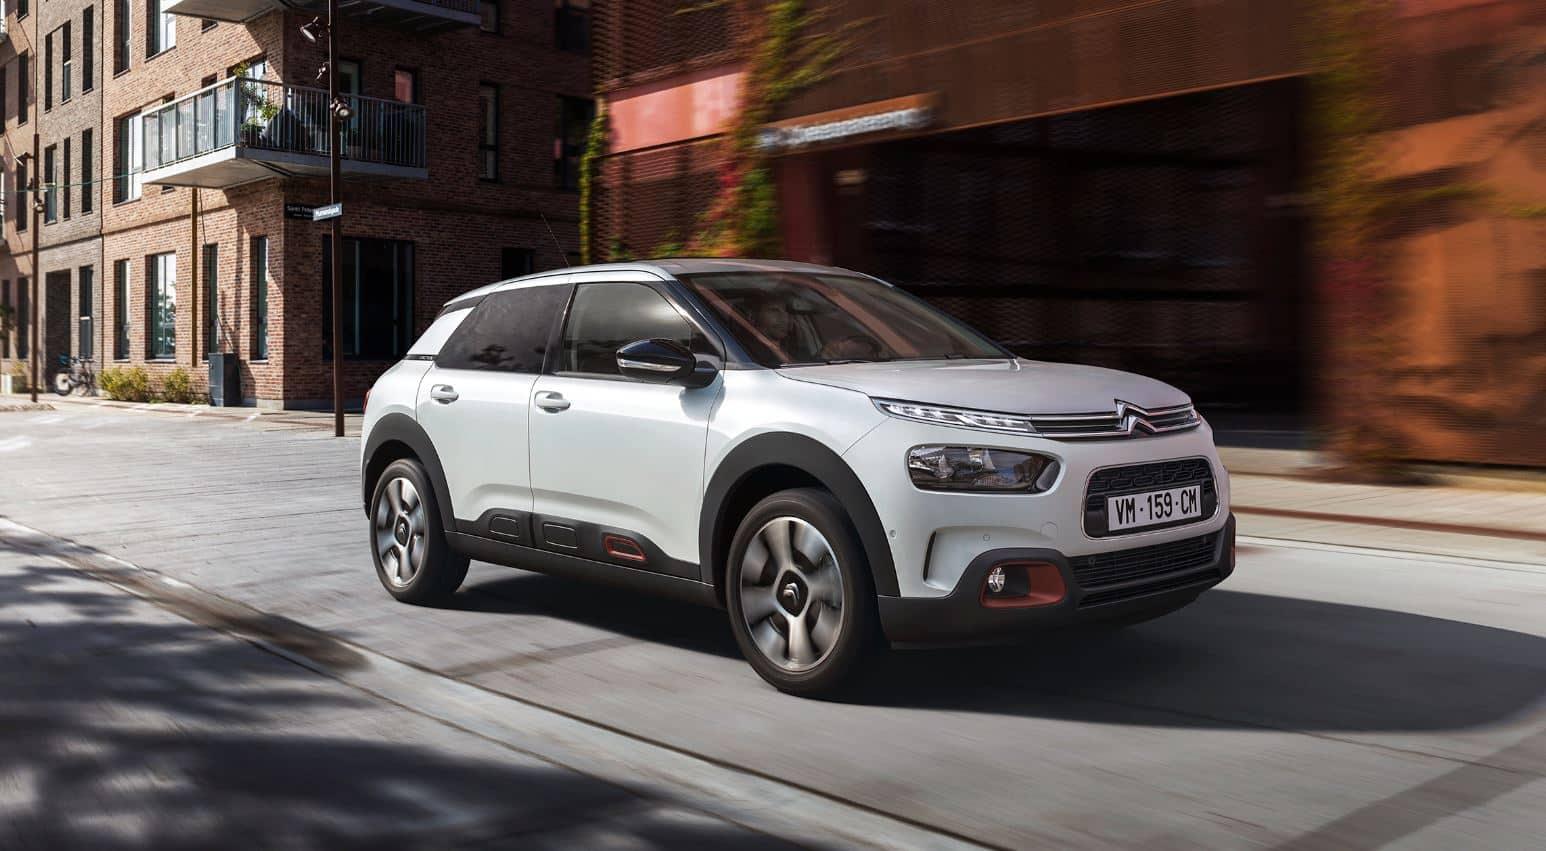 ¡Oficial!: Así es el nuevo Citroën C4 Cactus, ahora seguro que lo ves más atractivo…